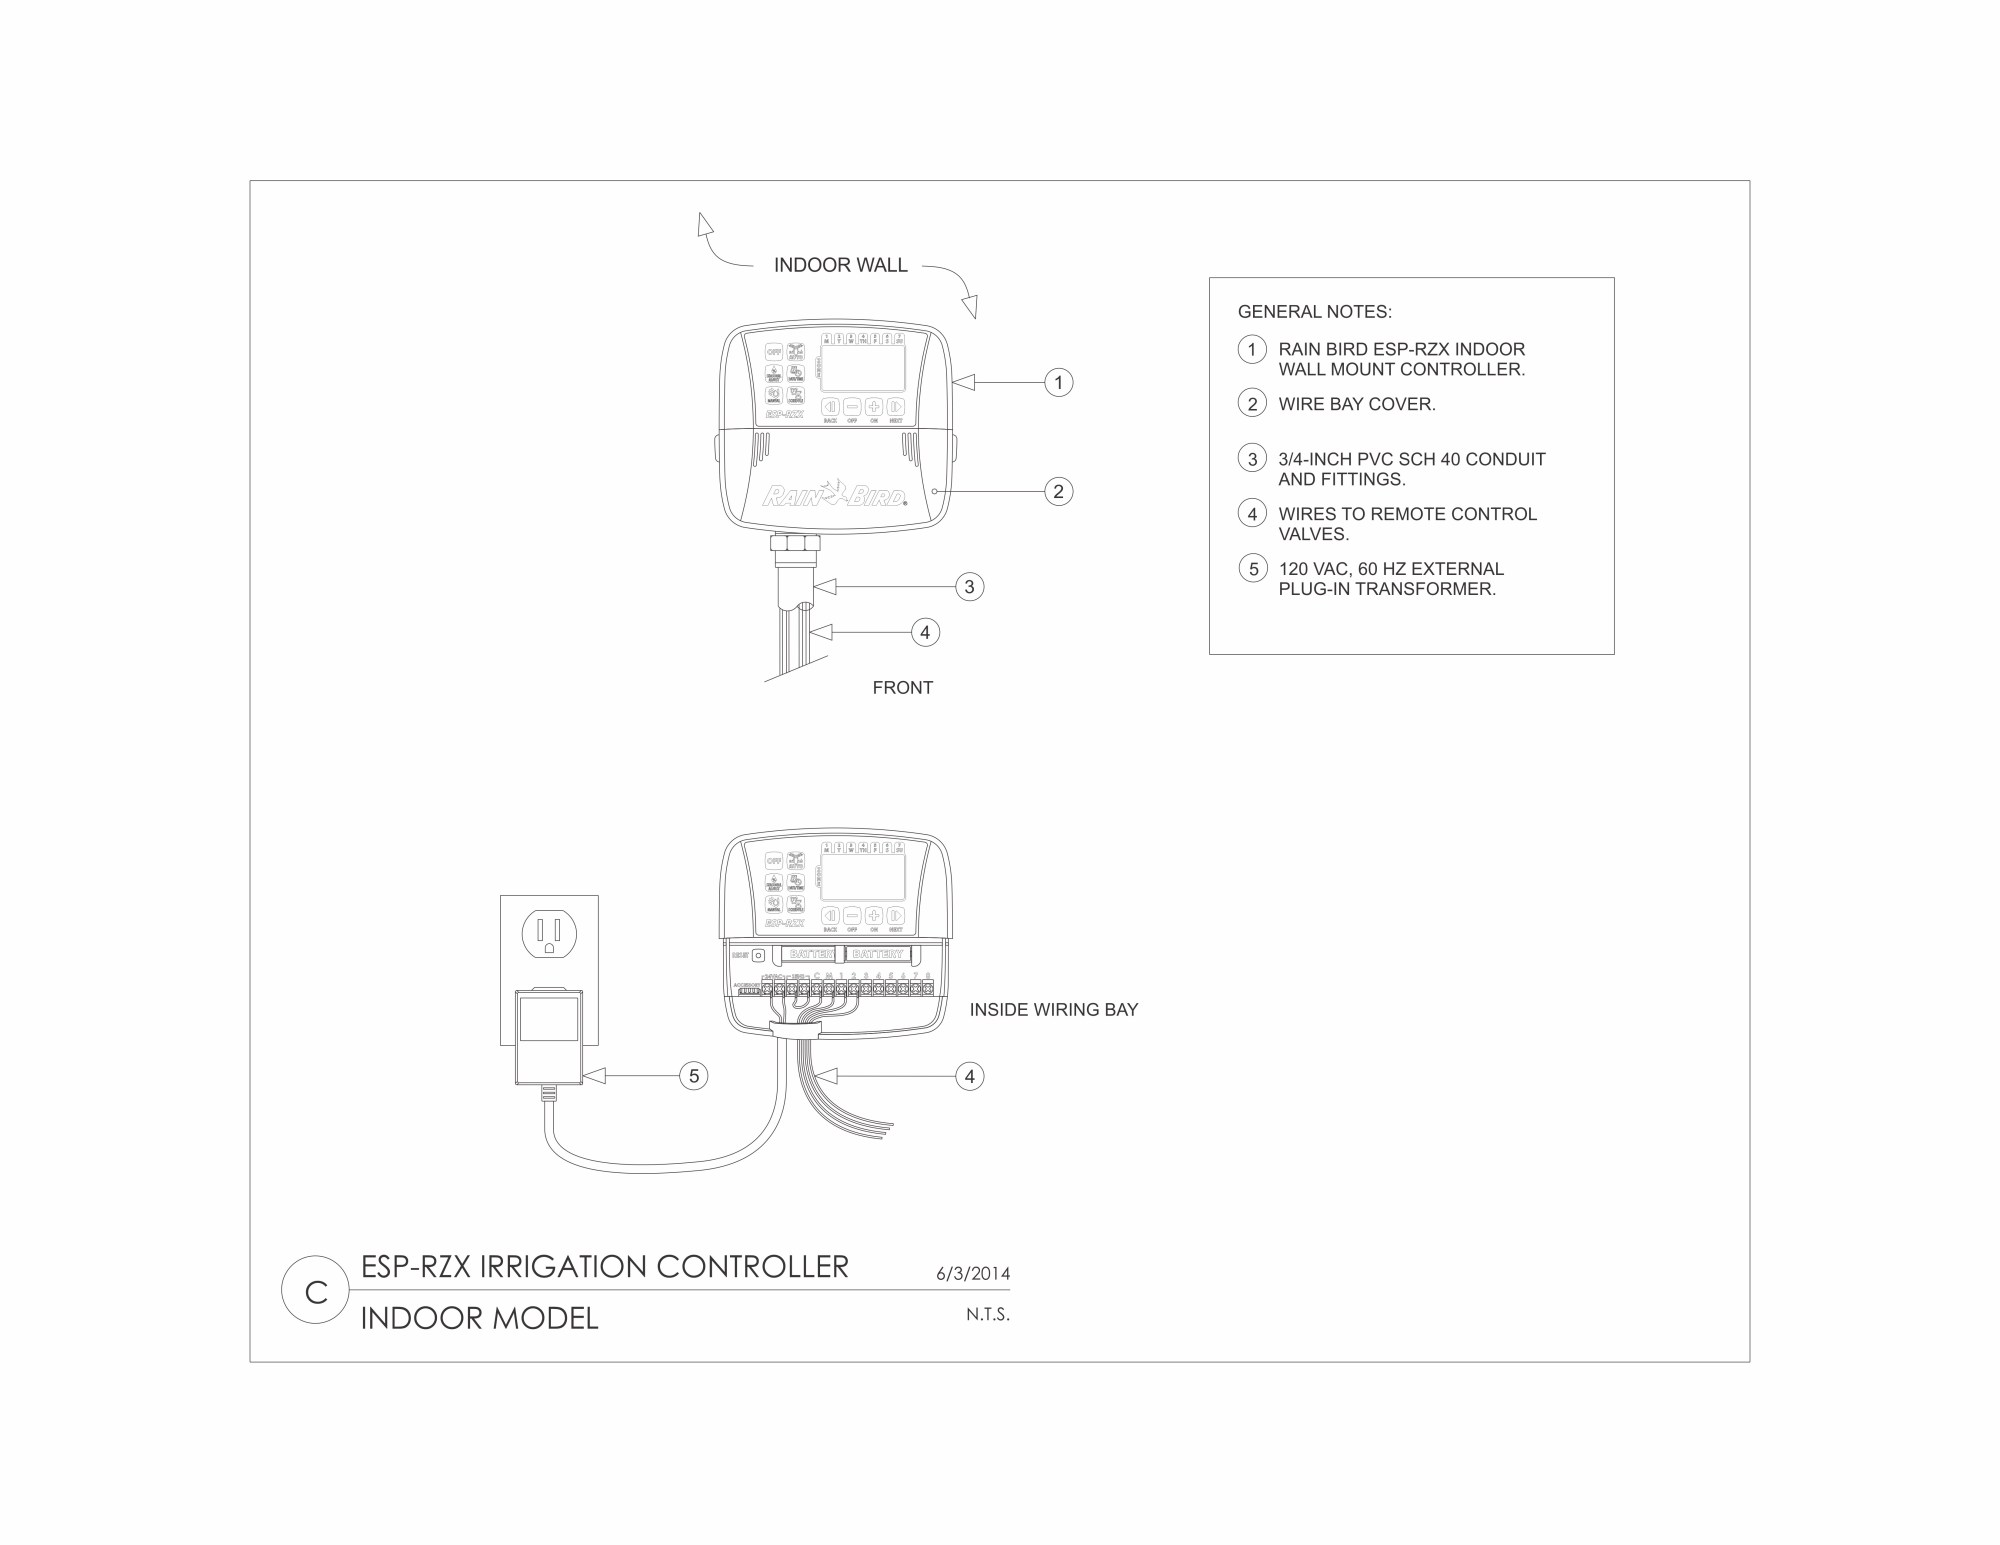 Ll 6451 E4 Rain Bird Esp Wiring Diagram Free Diagram